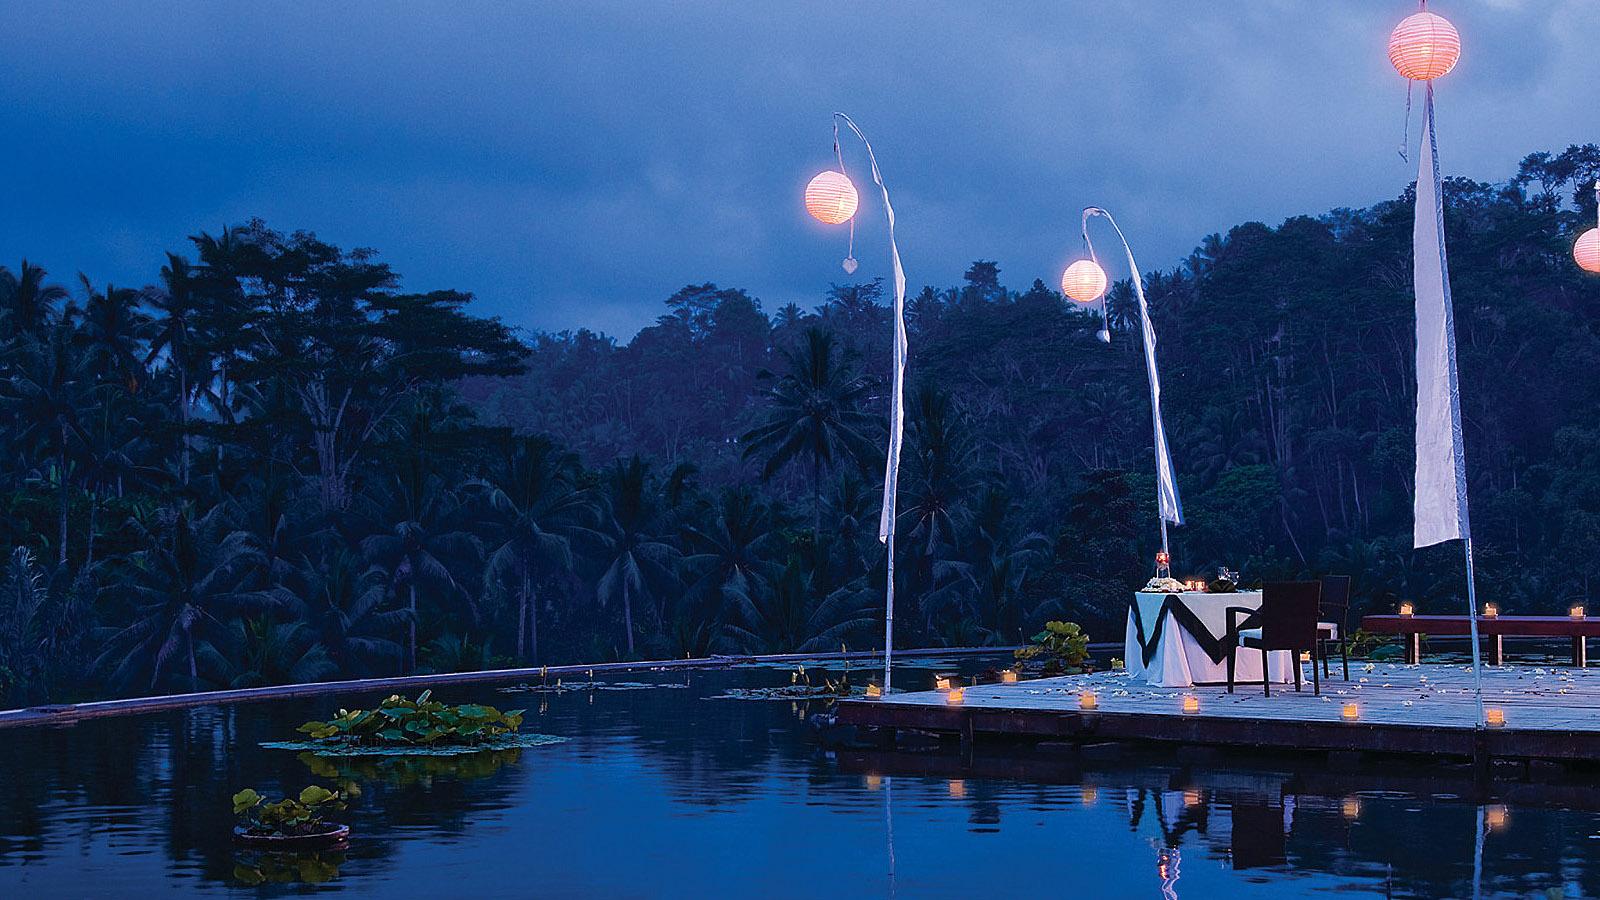 Romantic honeymoon bali packages four seasons resort bali at sayan